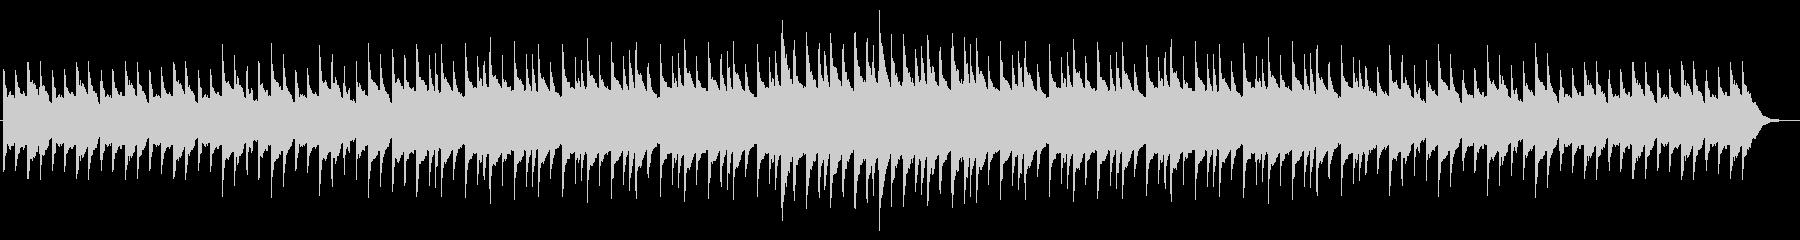 不安を煽る静かなホラー系オルゴール曲の未再生の波形